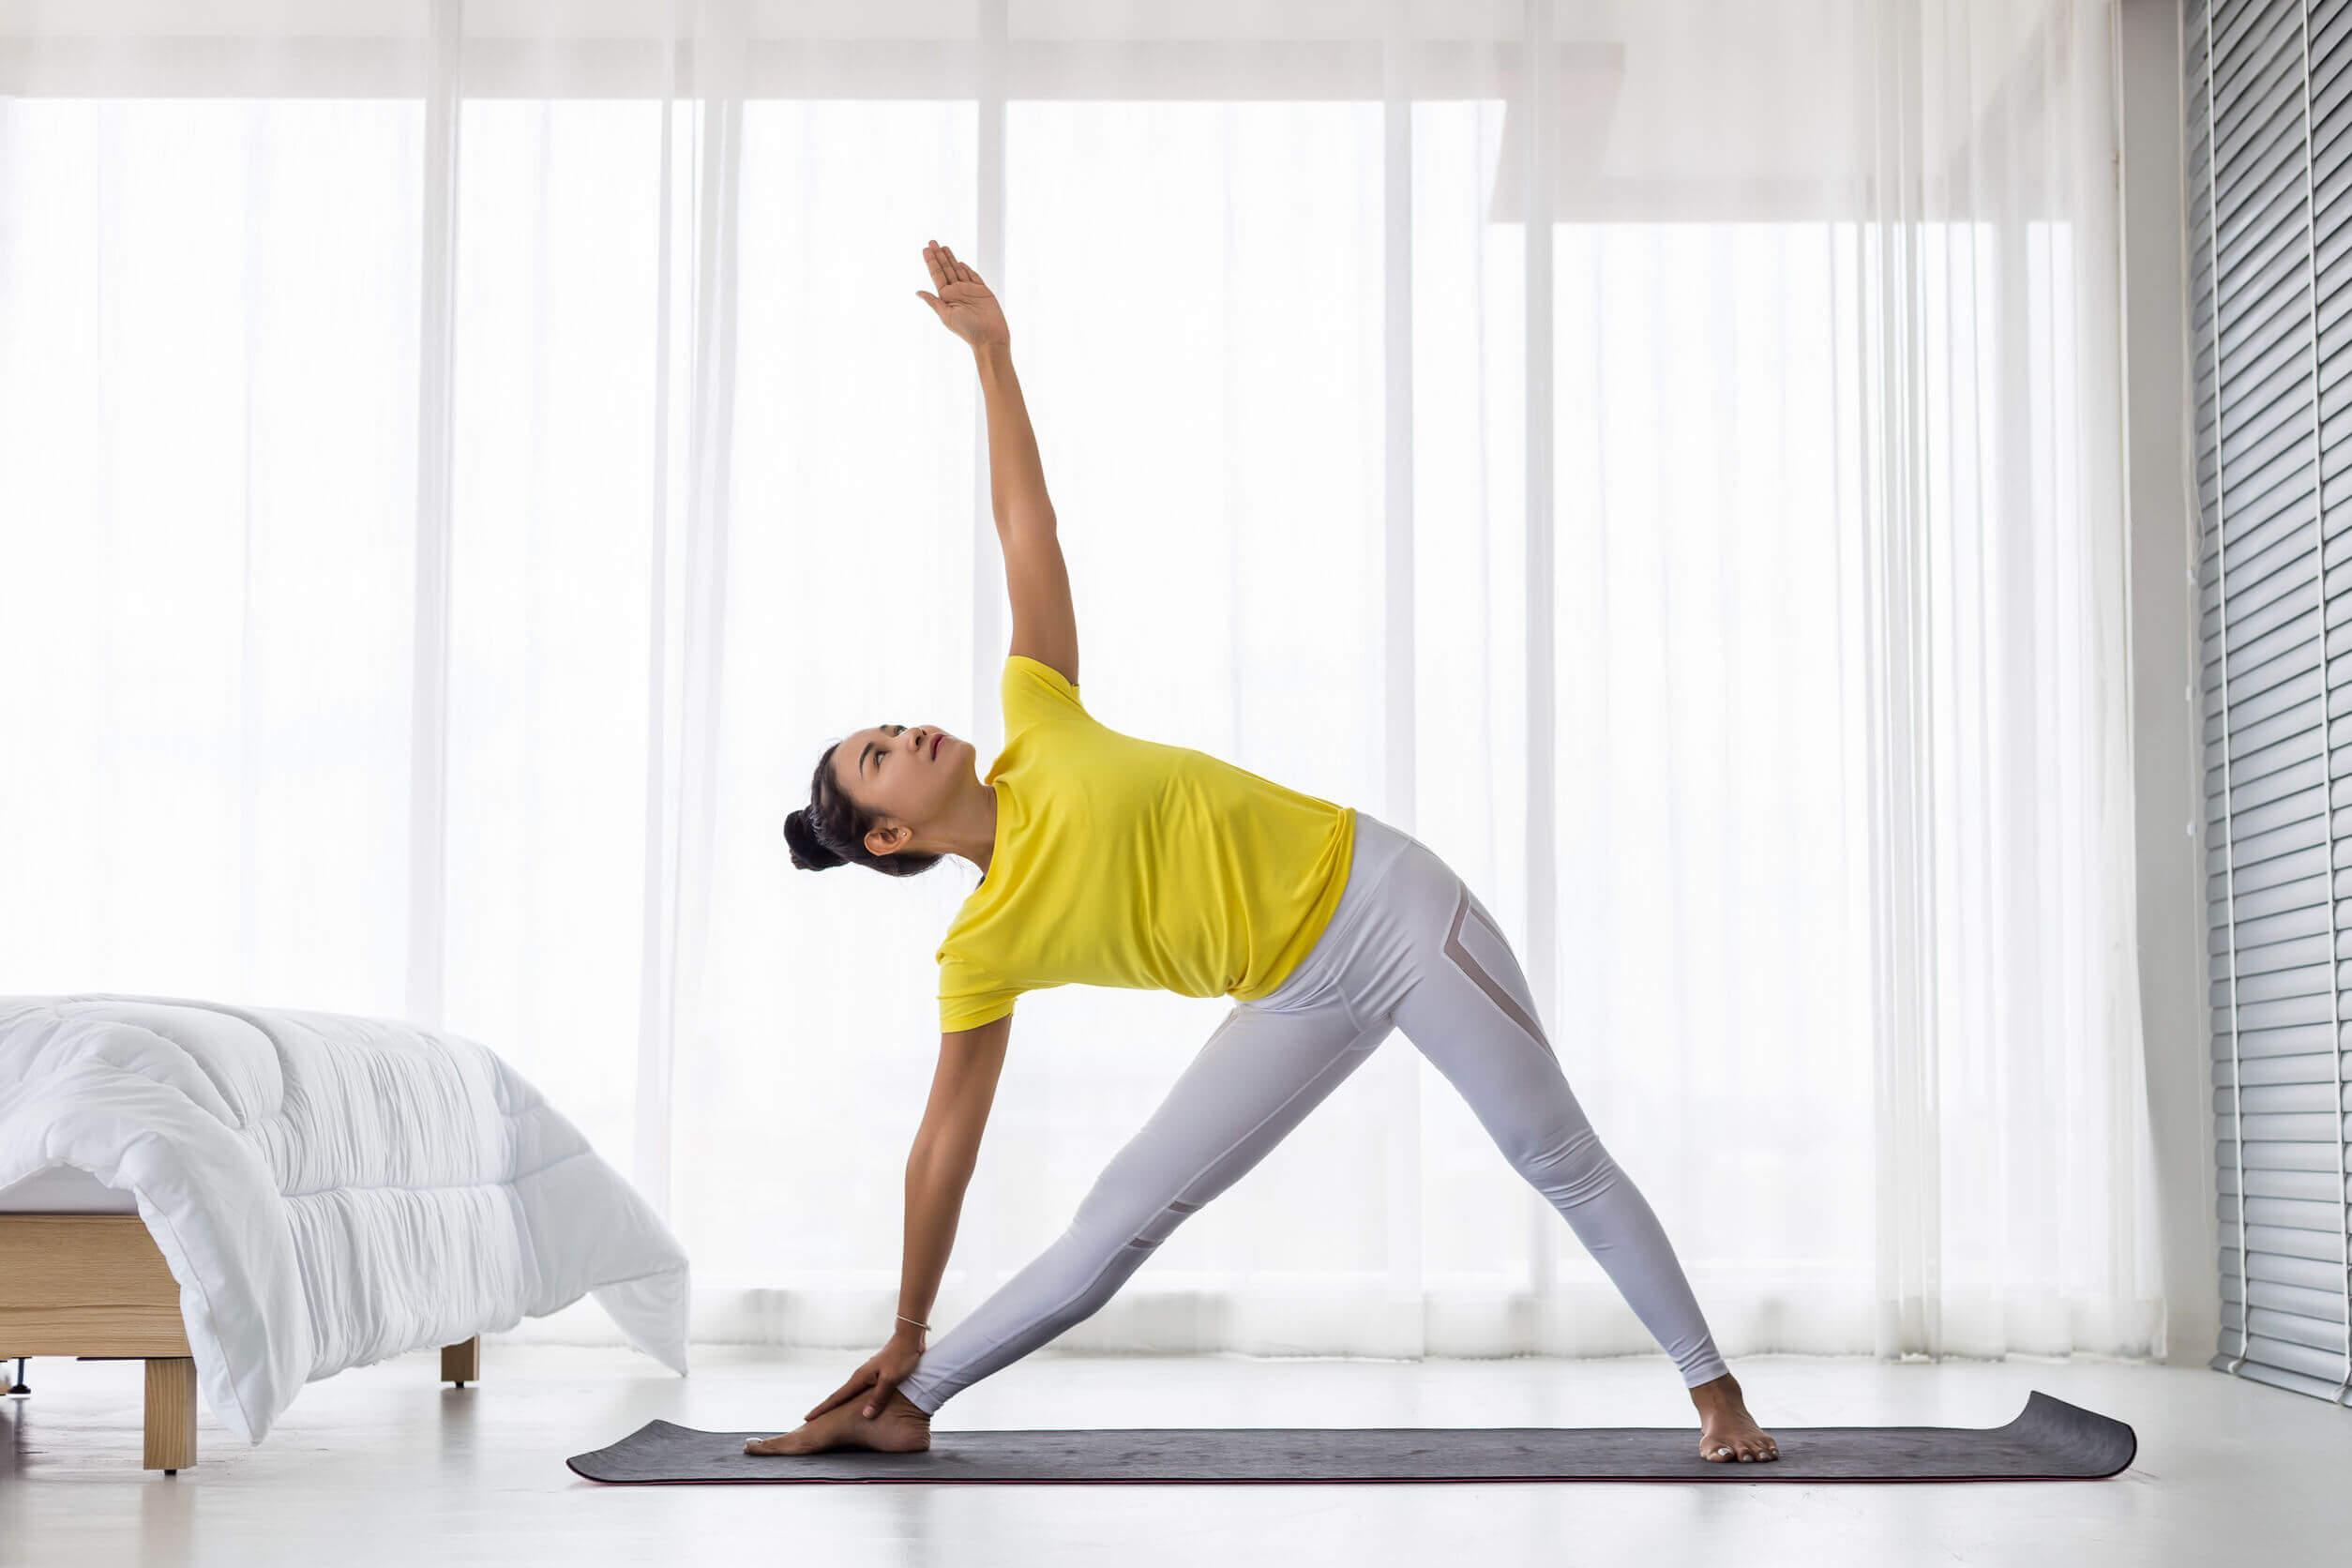 Descubre cómo tener mayor flexibilidad en los músculos